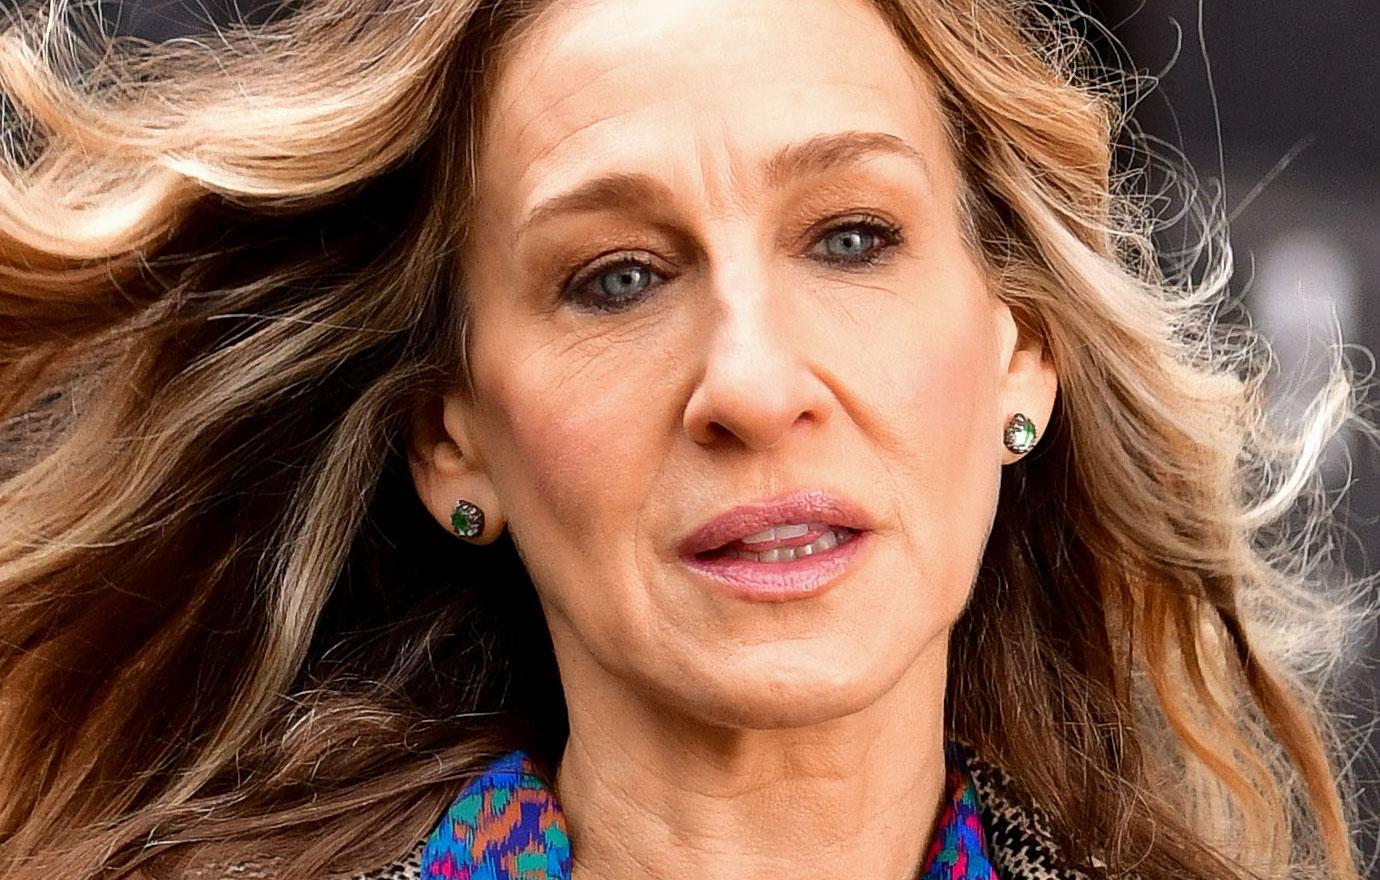 Sarah Jessica Parker Settles 6 Million Jewelry Lawsuit